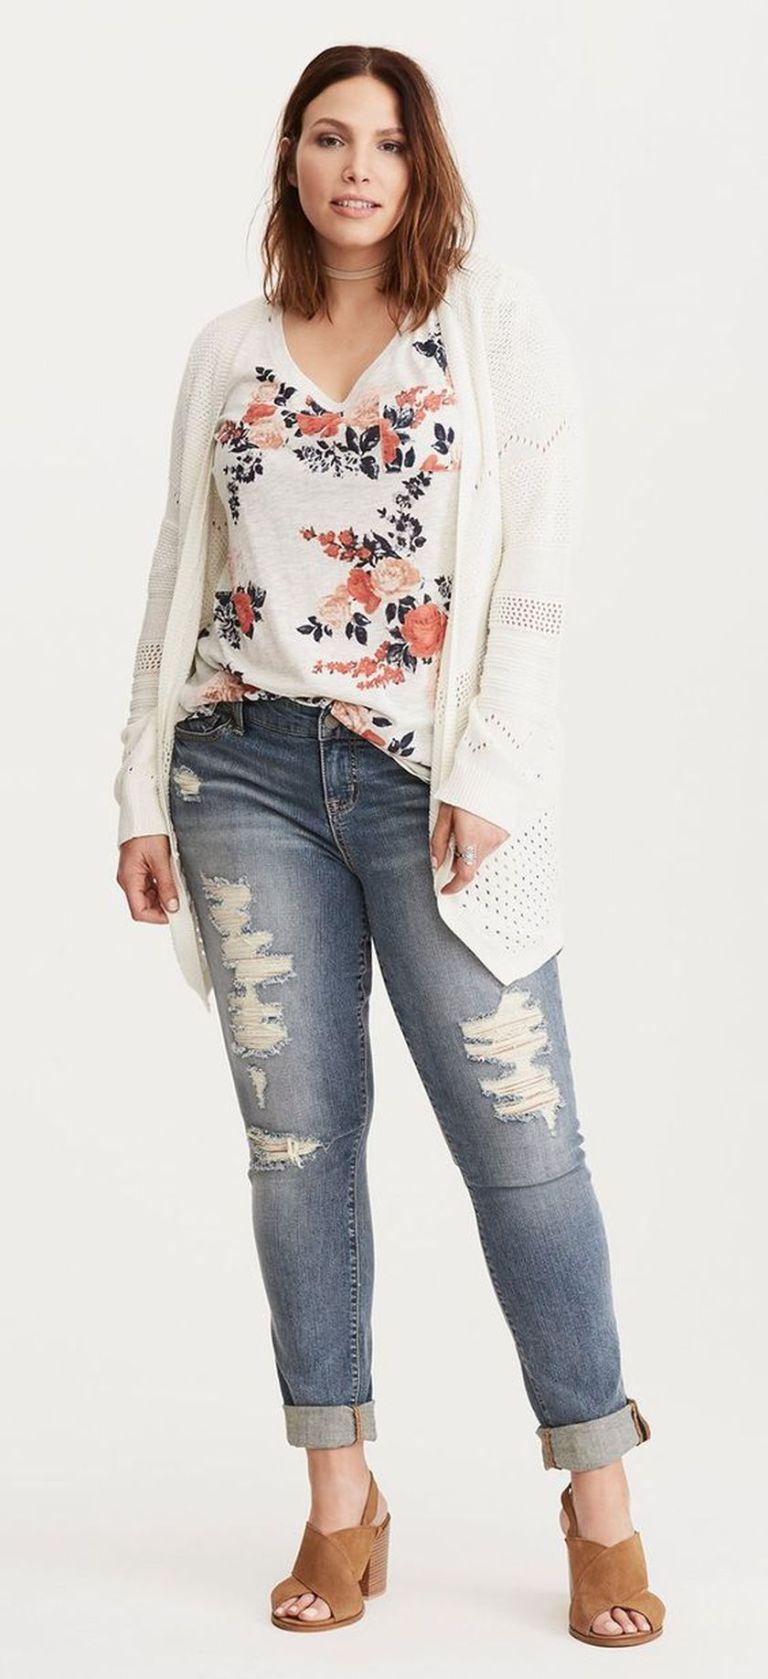 мода 2019 большего размера - блузка с цветочным принтом и рваными джинсами